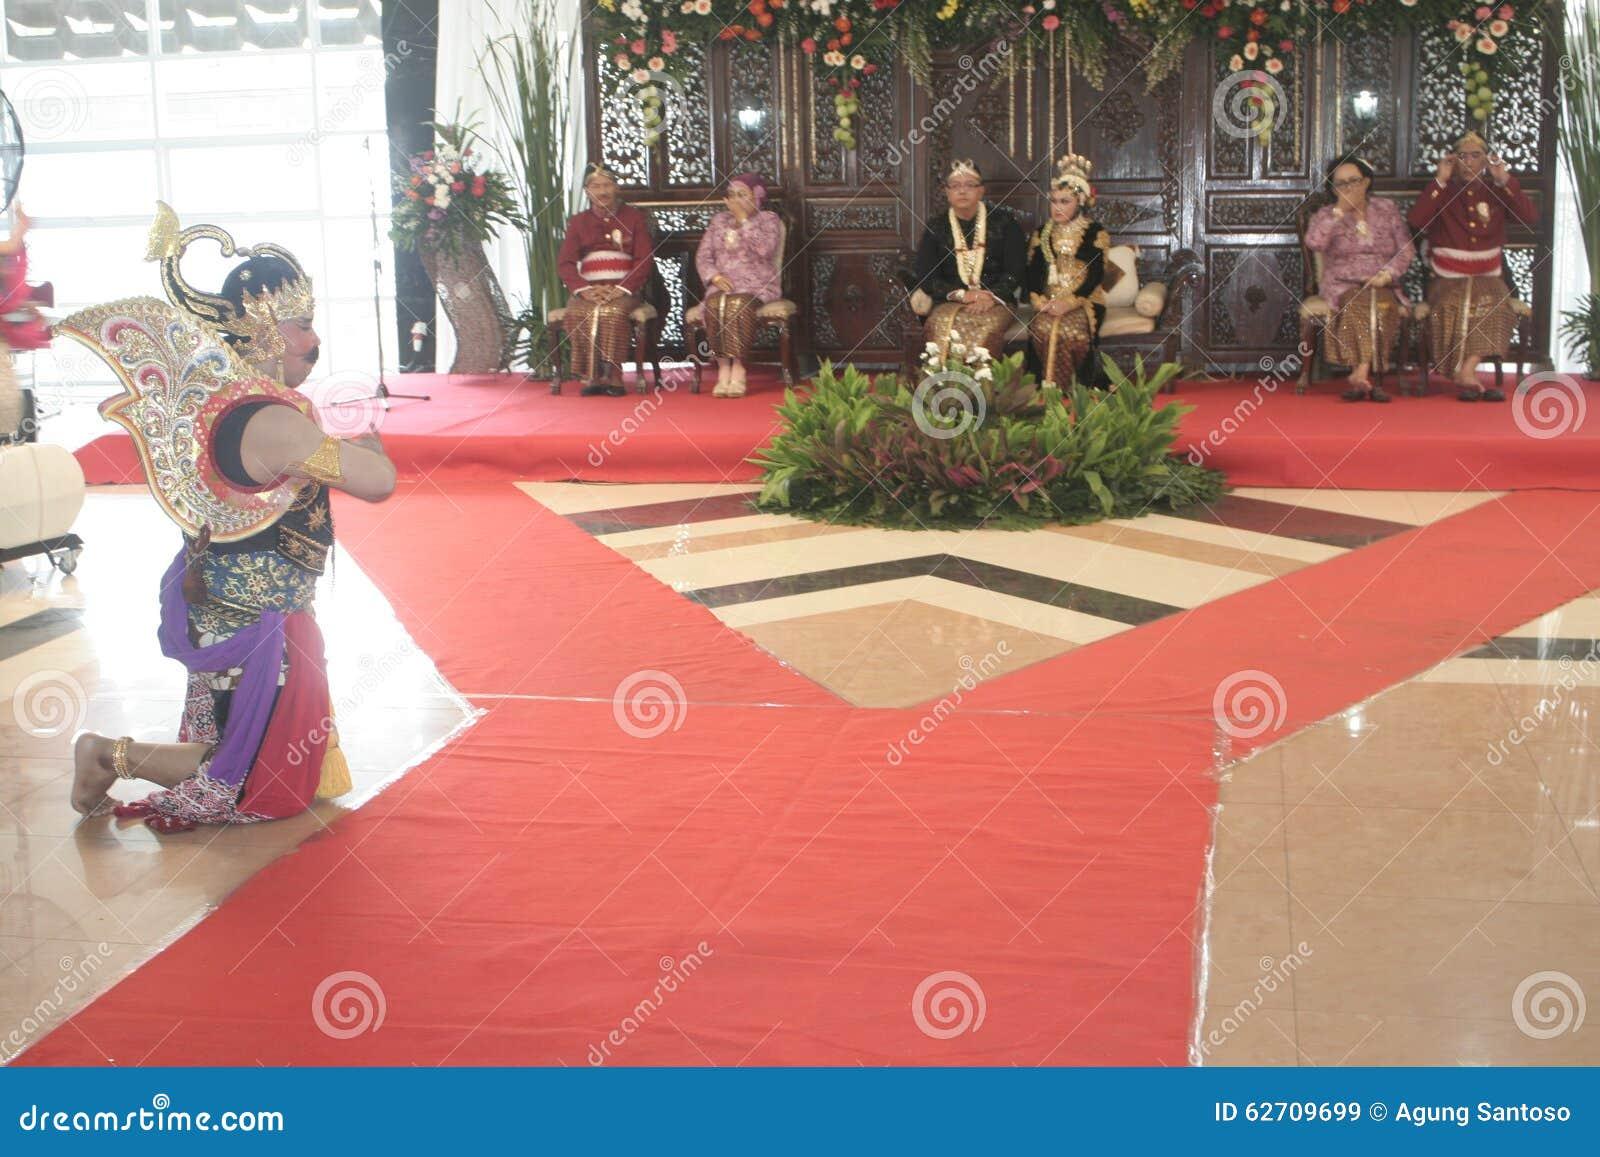 Χαρακτηριστικοί χοροί Ιάβα